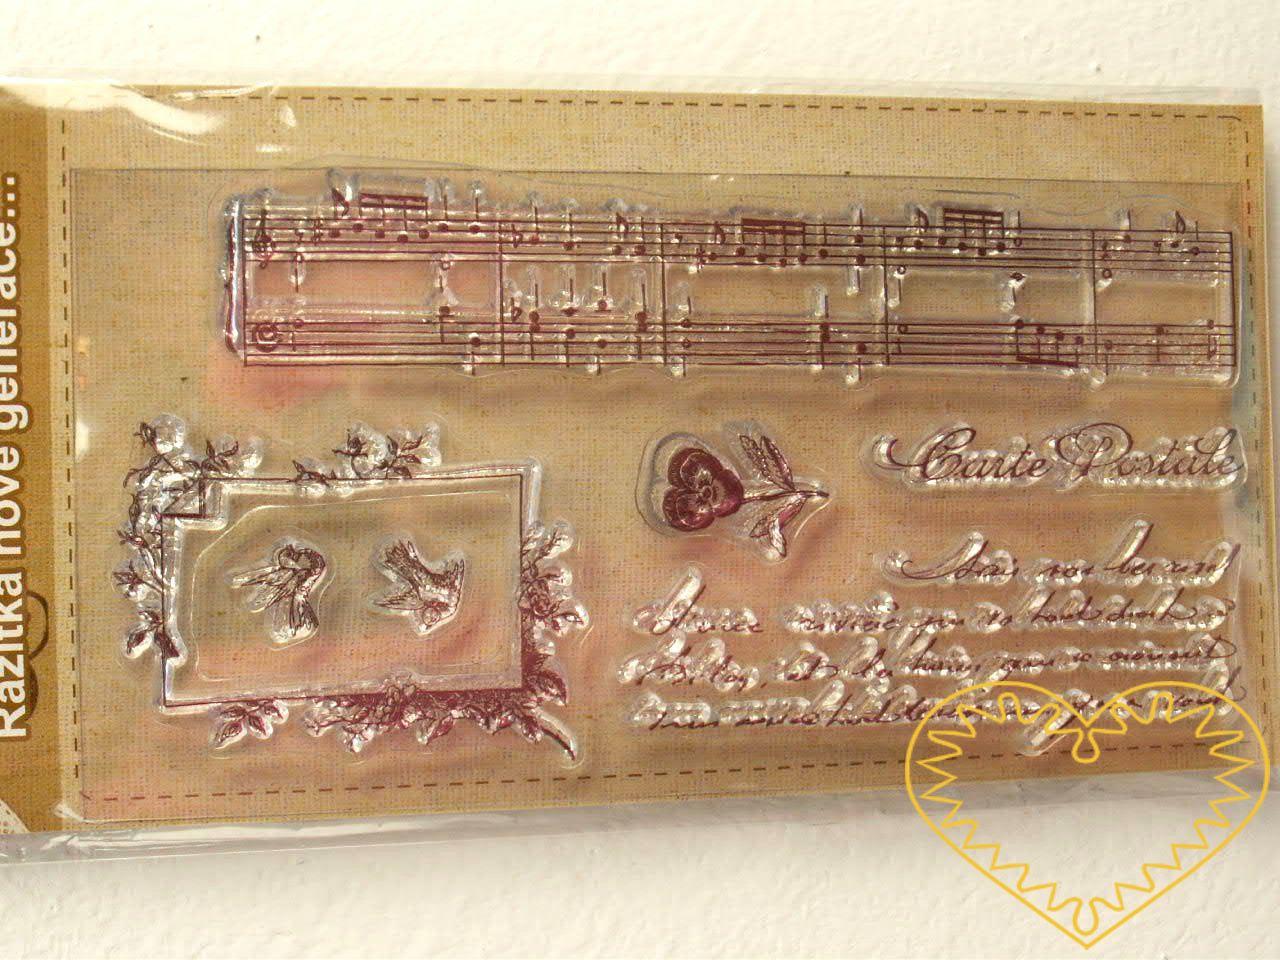 Gelová razítka - noty, ornament, písmo (8 x 14 cm). Velkou výhodou gelových razítek je to, že přesně vidíte místo, kam razítkujete. Lze snadno používat také k tisknutí na textil, hedvábí, keramiku, scrapbooking apod.